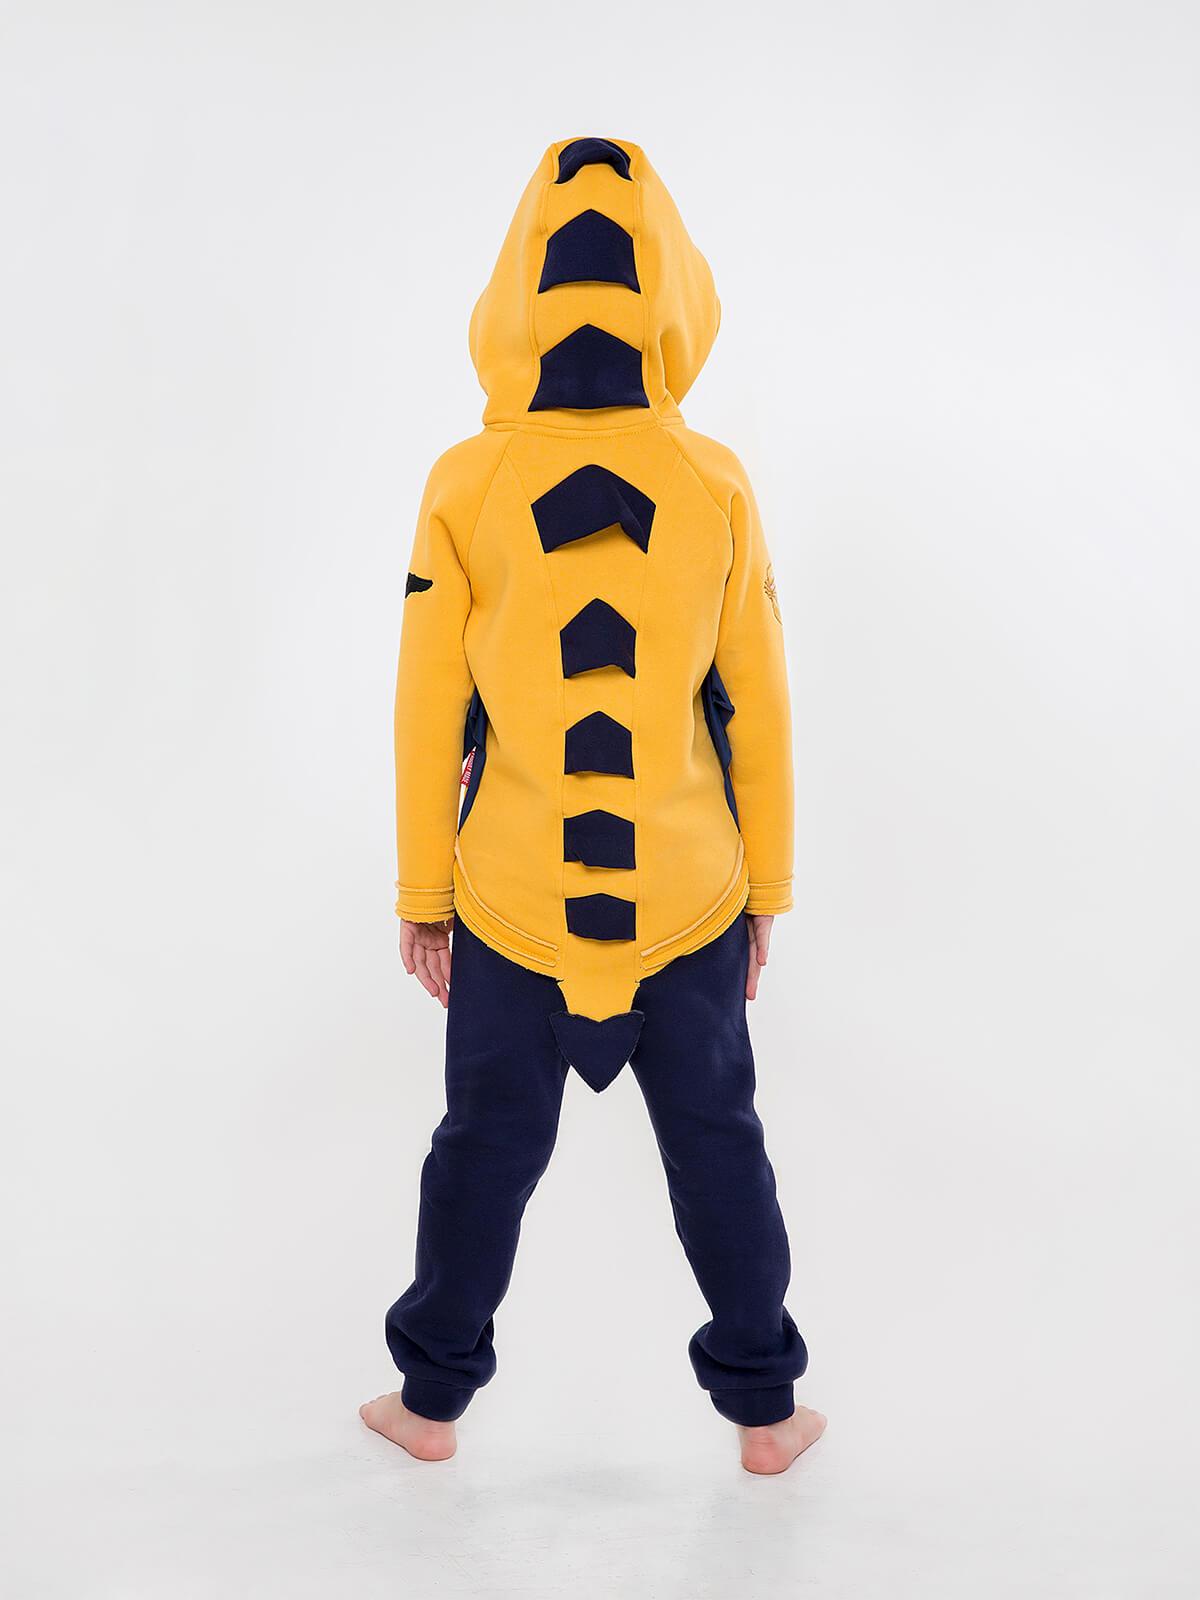 Дитячий Спортивний Костюм Дракон. Колір жовтий.  Матеріал худі – тринитка: 77% бавовна, 23% поліефір.